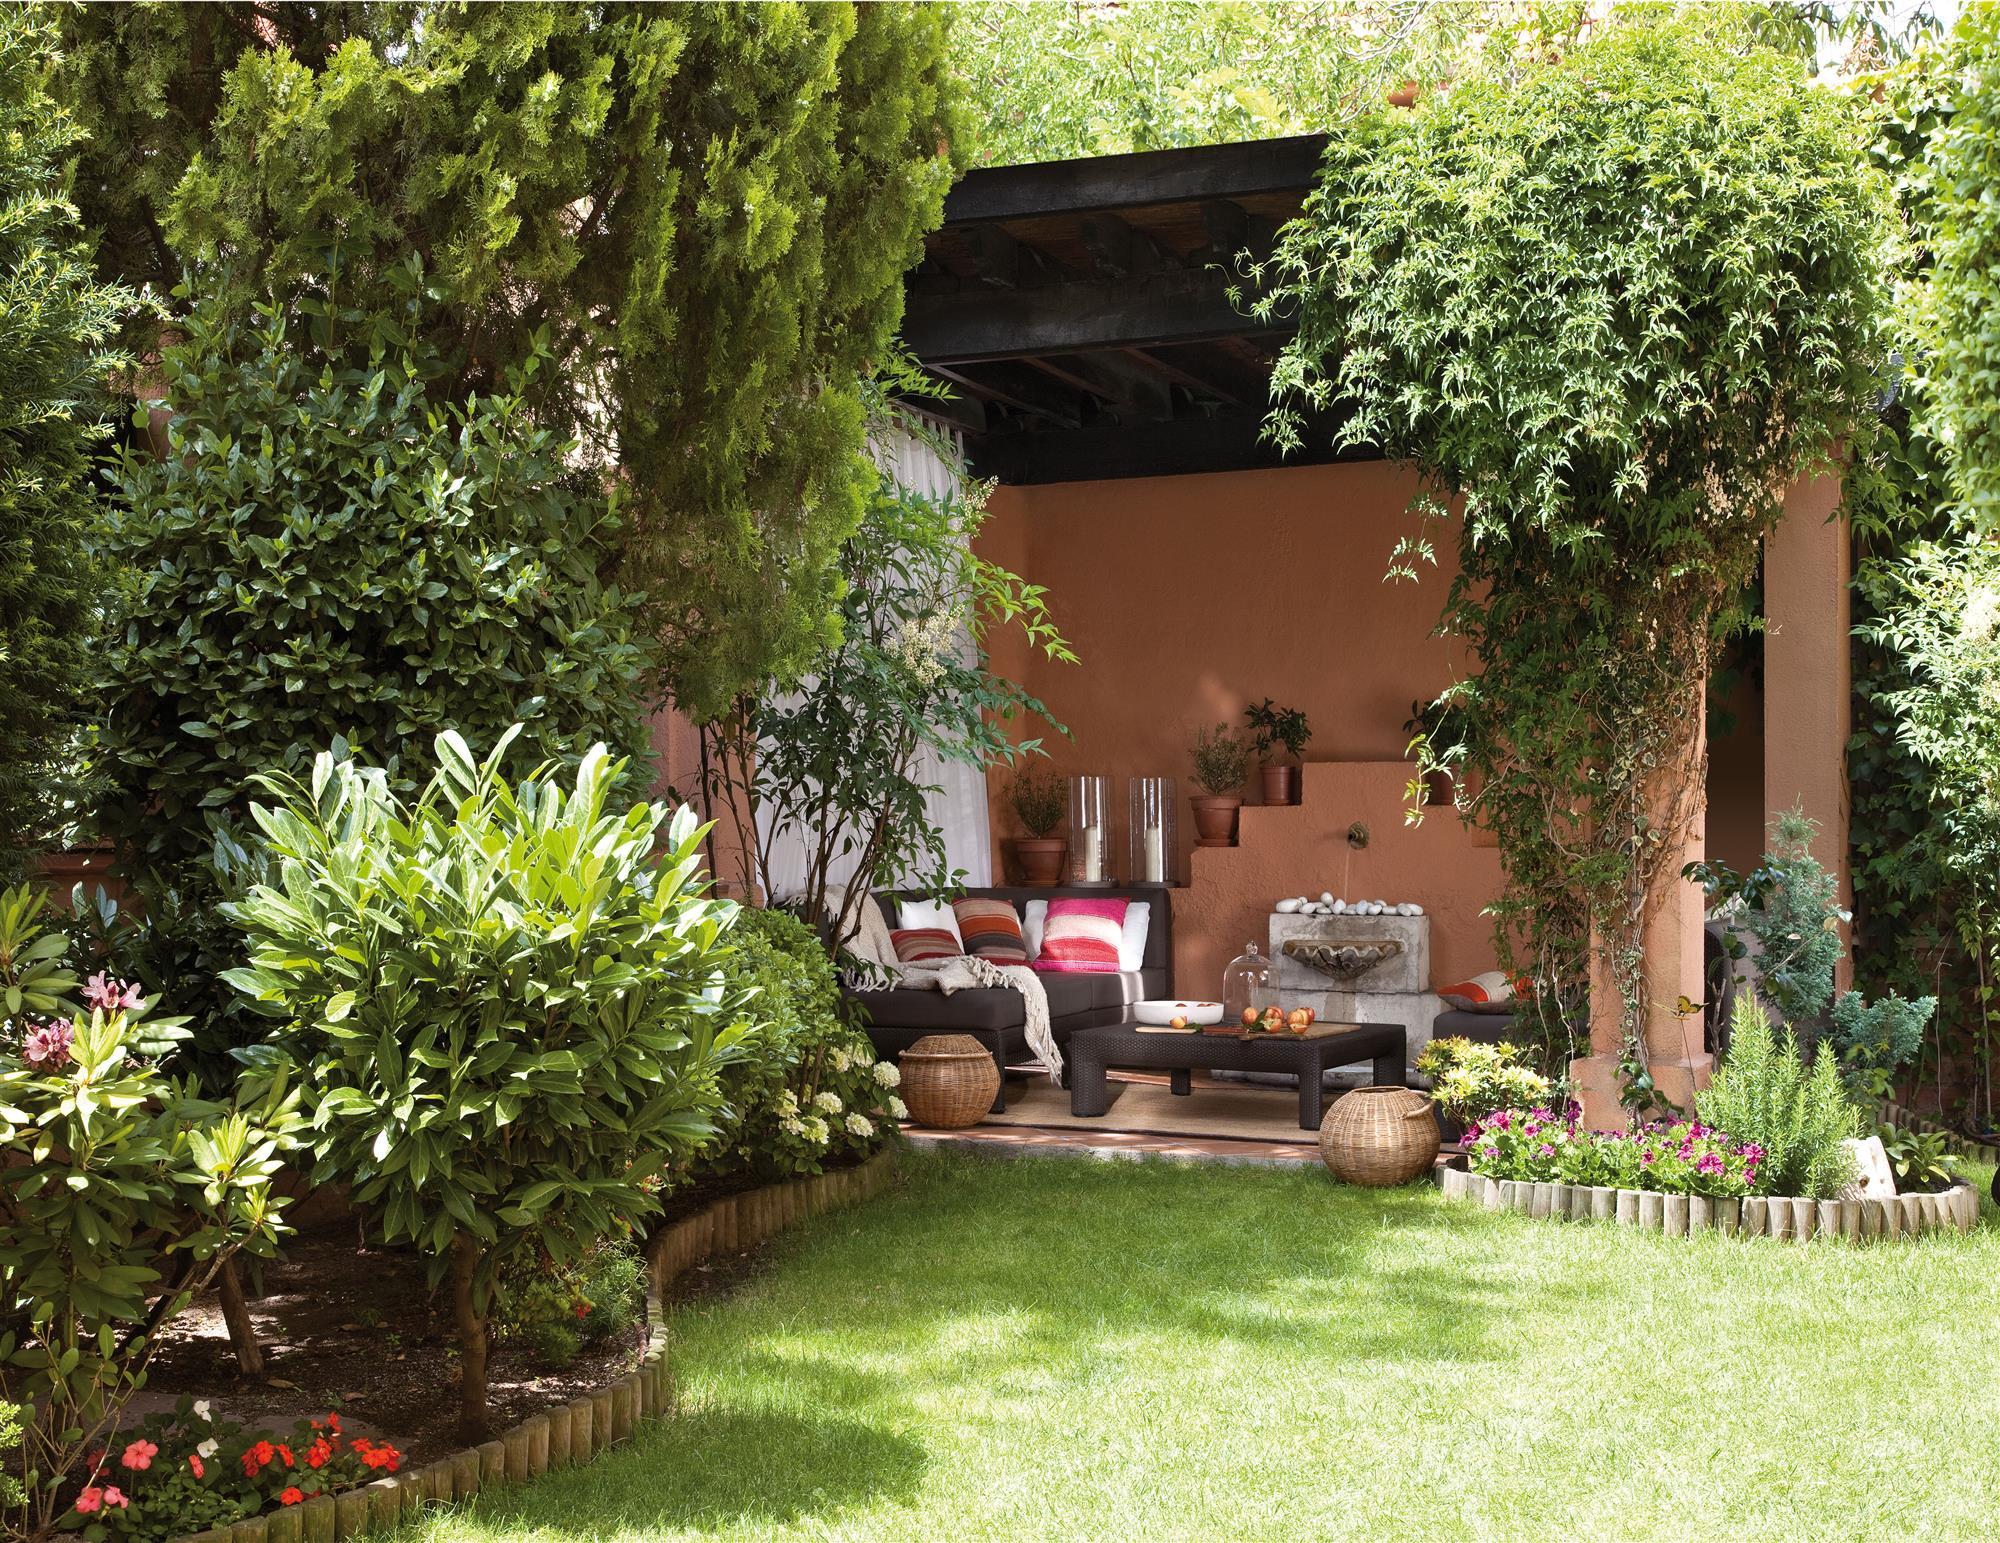 Jardines los 50 m s bonitos de el mueble for Jardines bonitos y sencillos